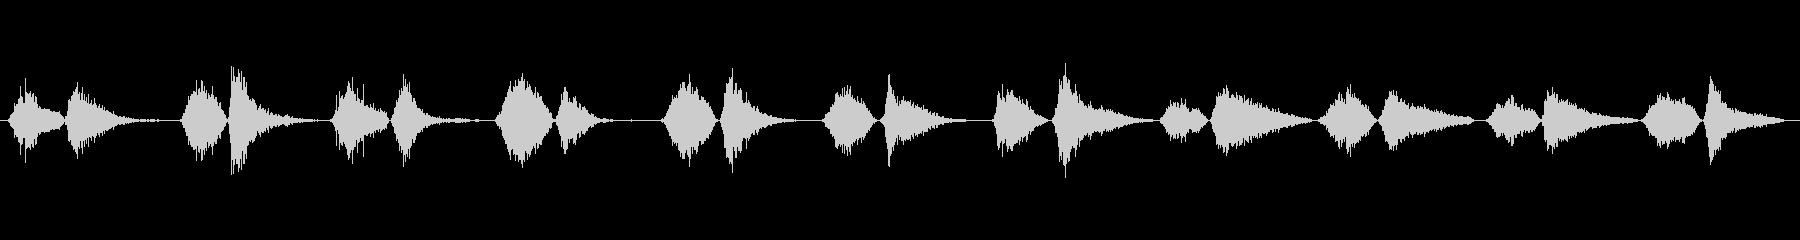 モンスター いびき03の未再生の波形